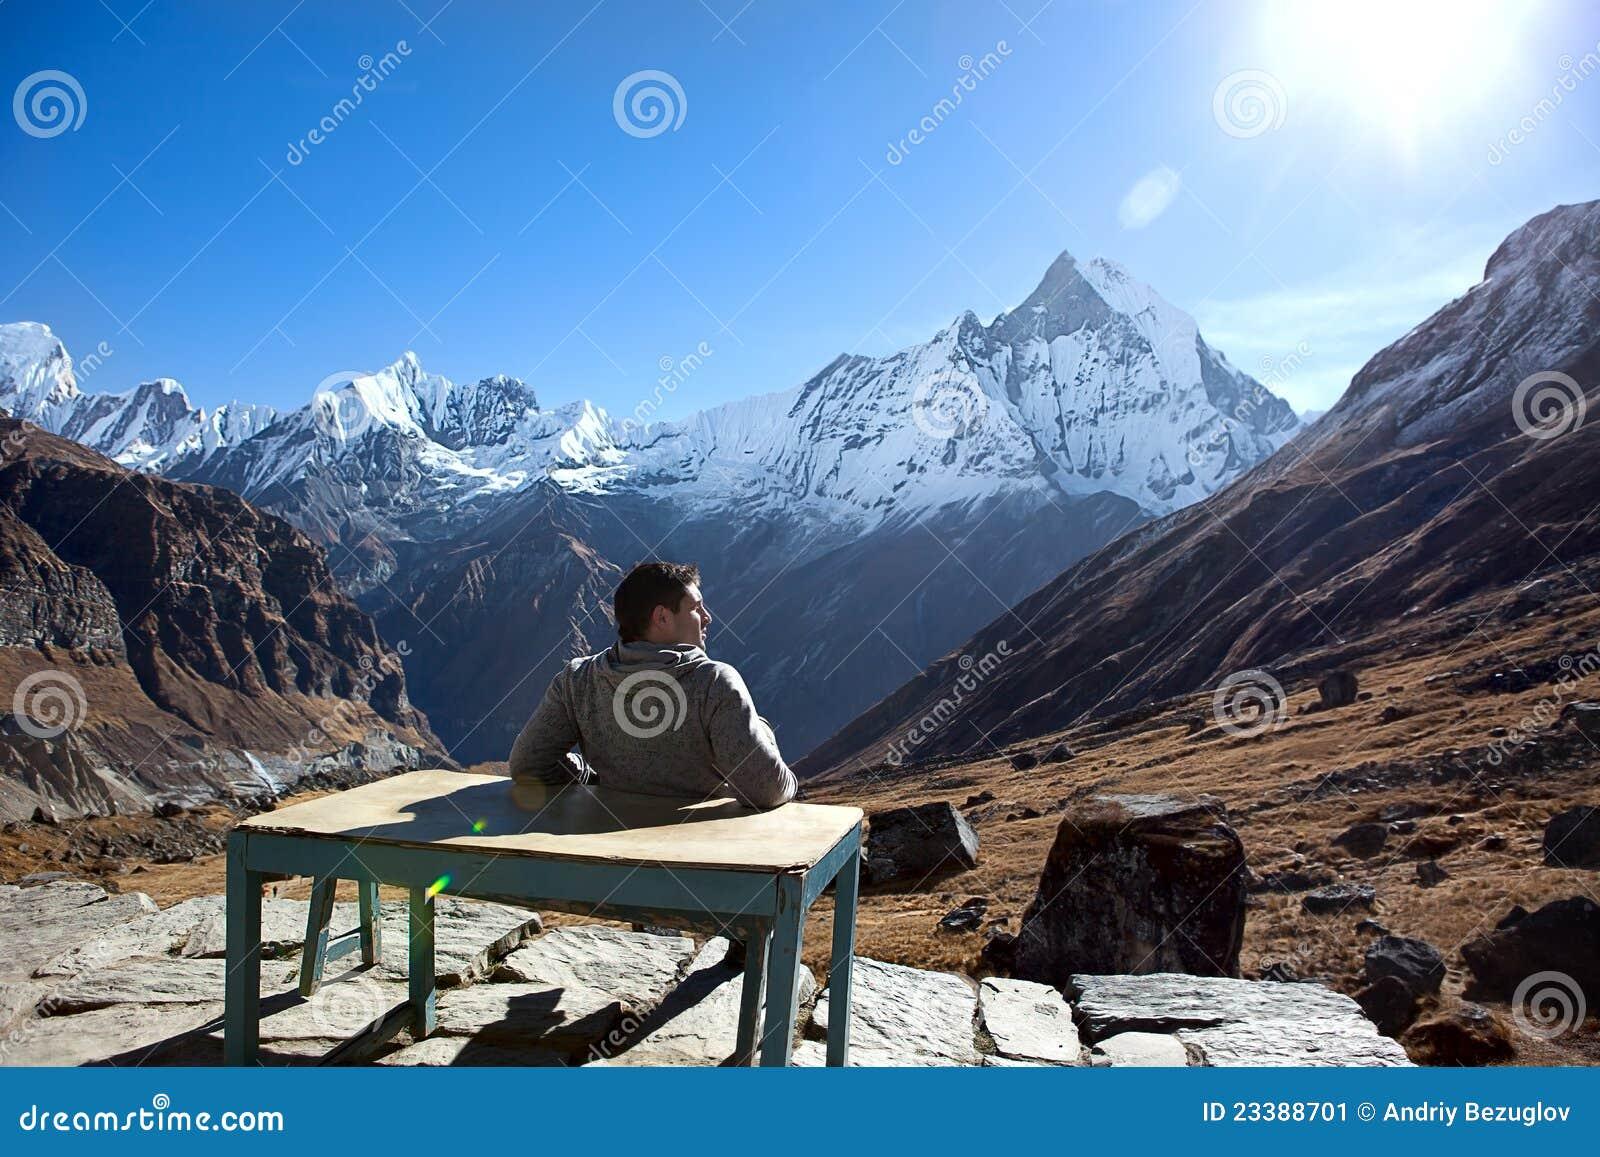 Man at mountains